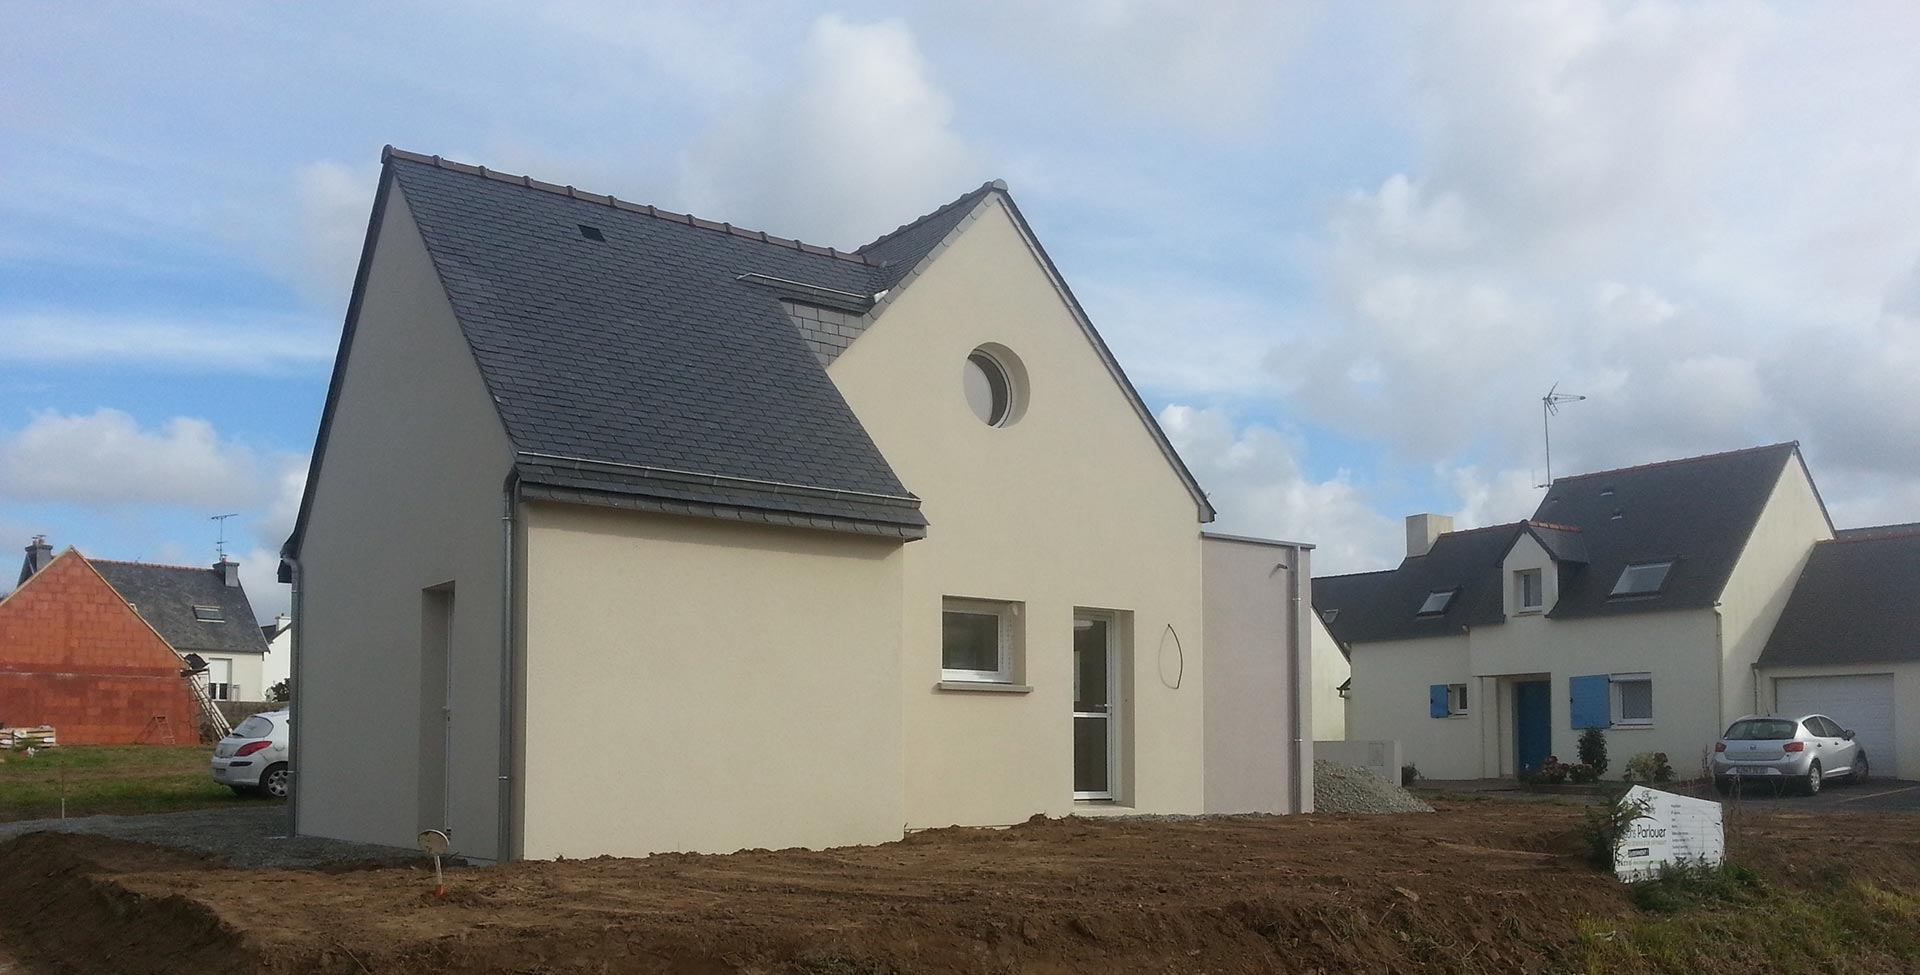 Constructeur de maisons individuelles lannion c tes d for Batisseur maison individuelle